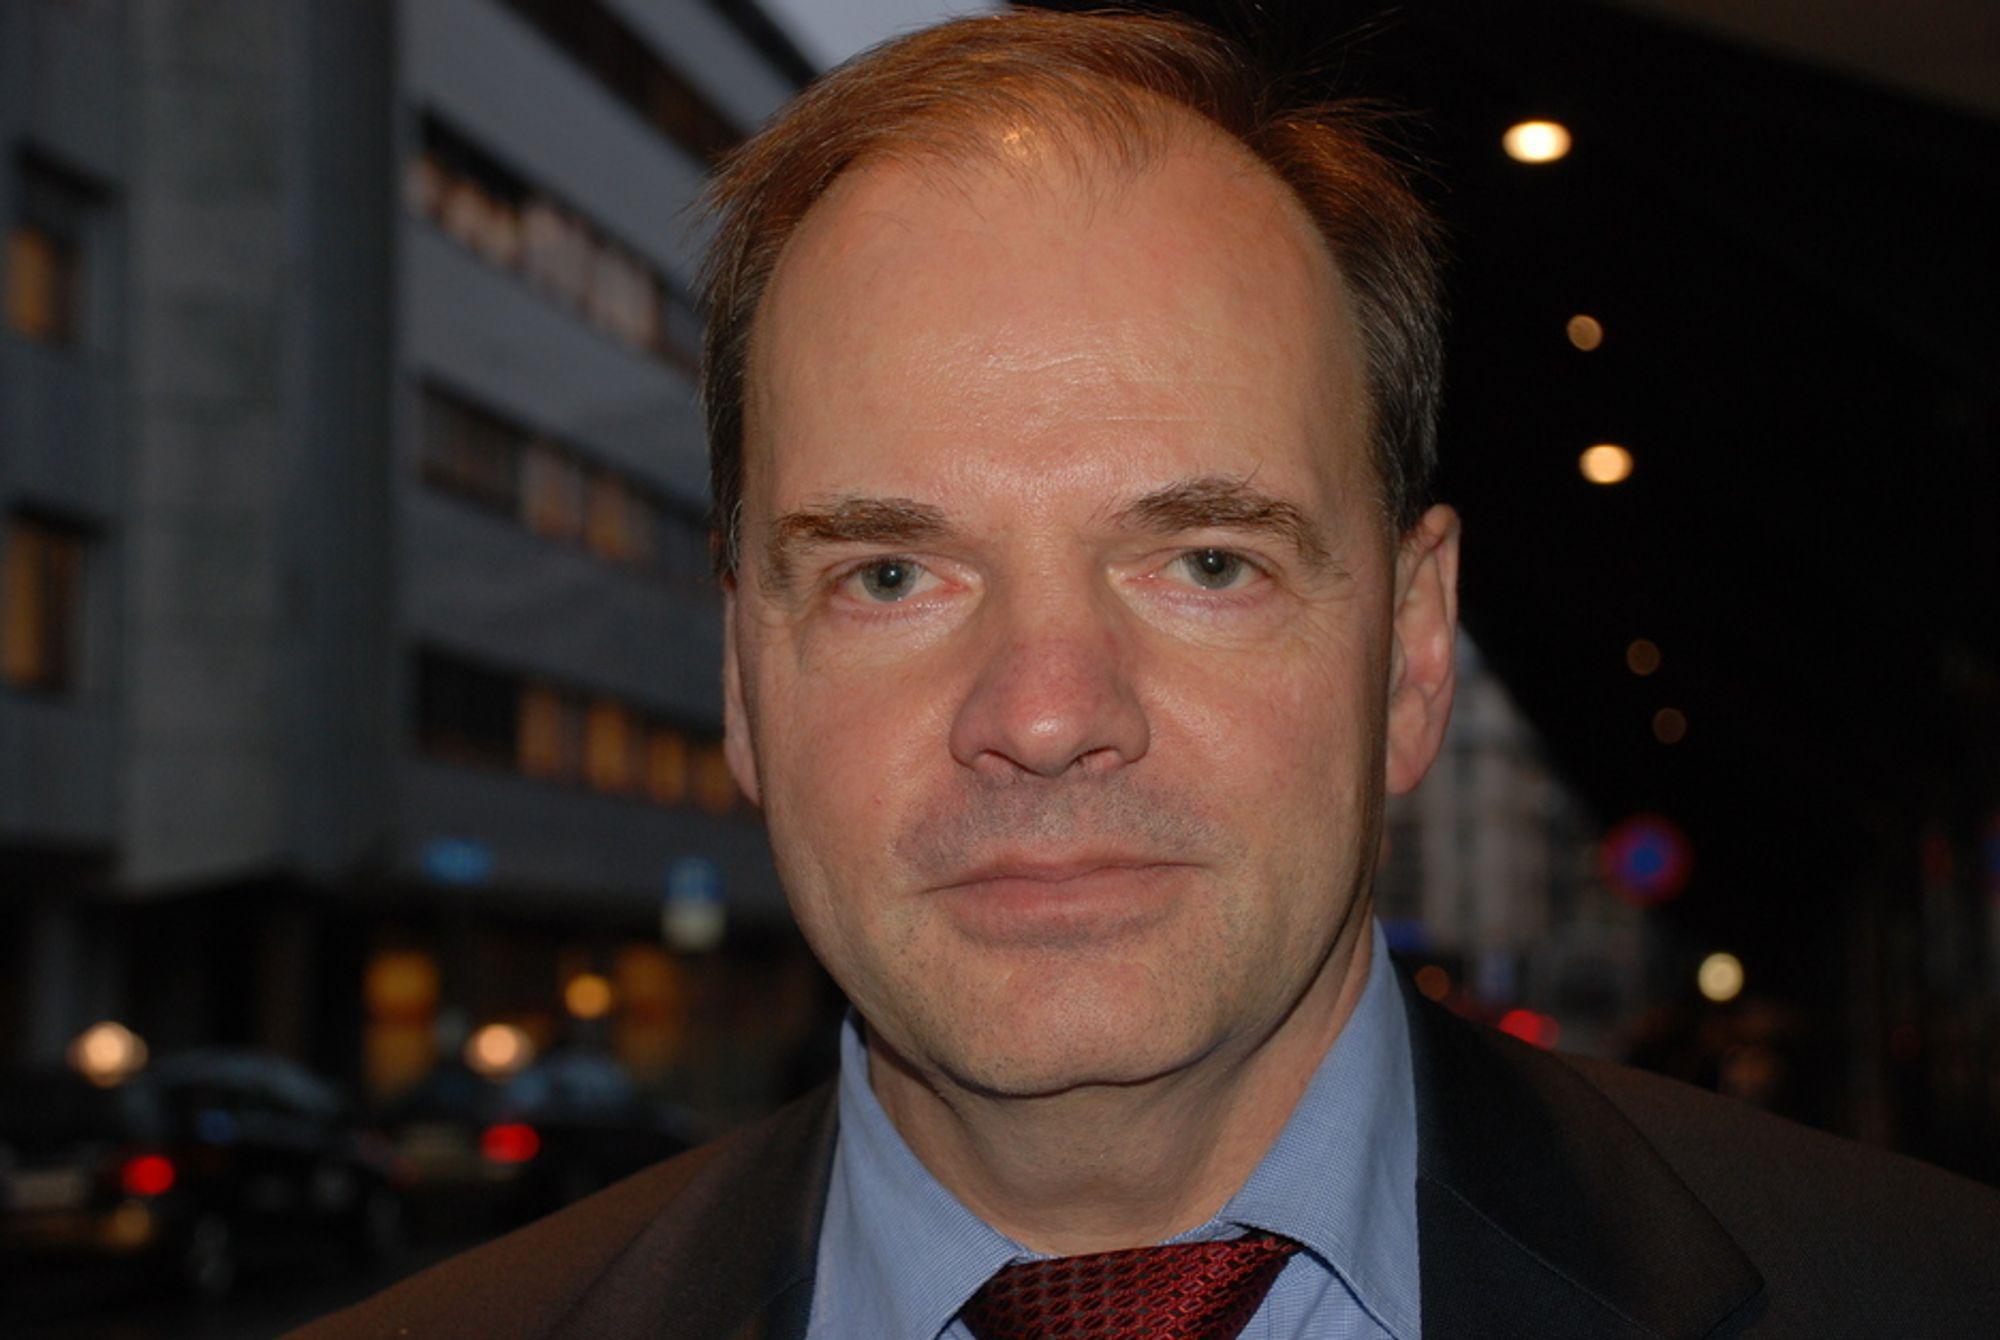 Hans Erik Horn blir ny næringspolitisk direktør i Energi Norge.